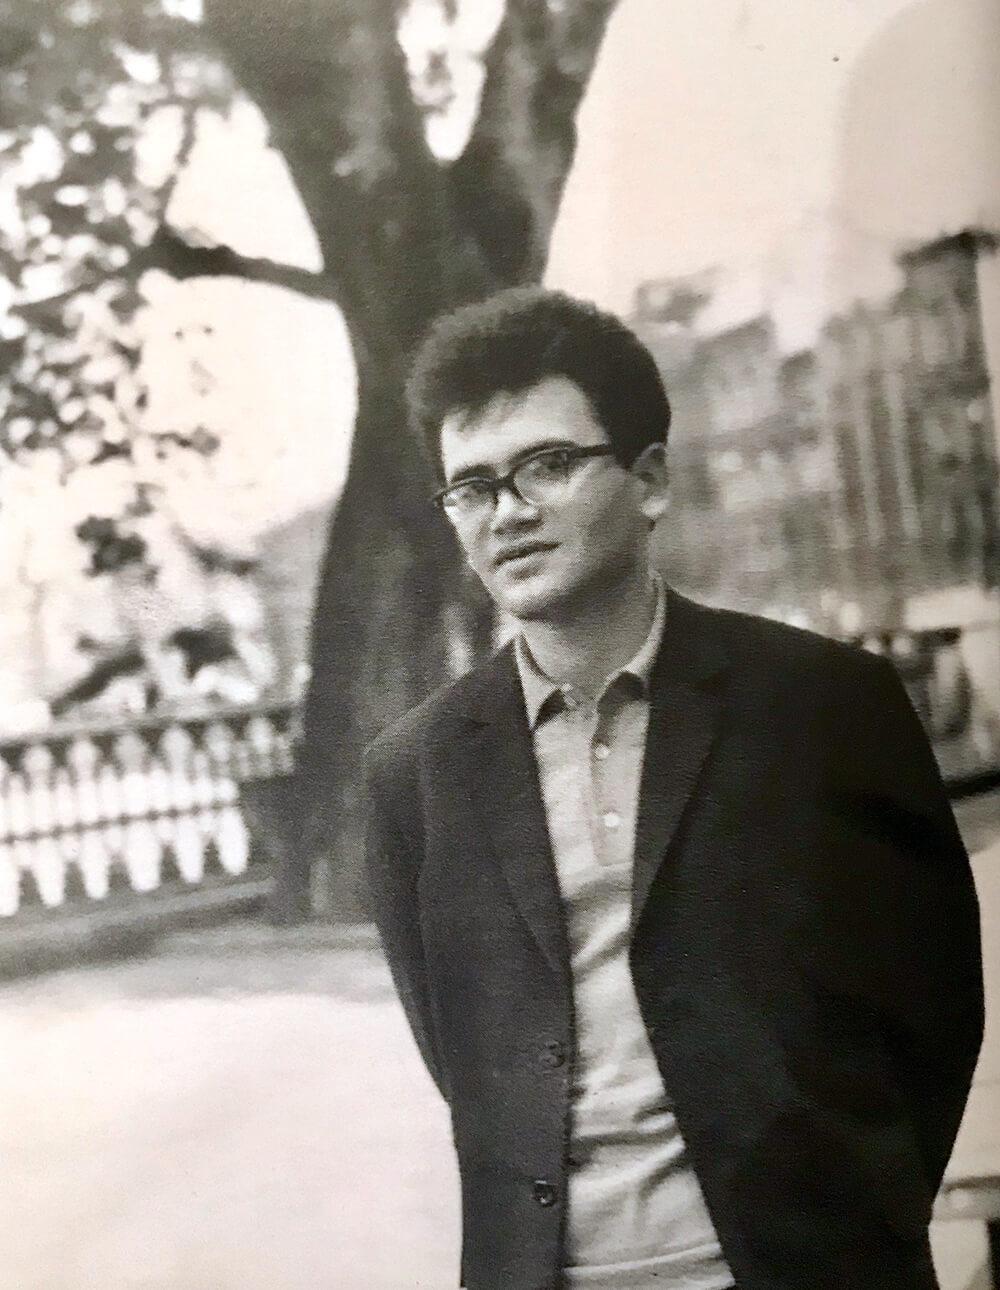 Александр Кушнер на канале Грибоедова, 1965г, фото Лидии Гинзбург